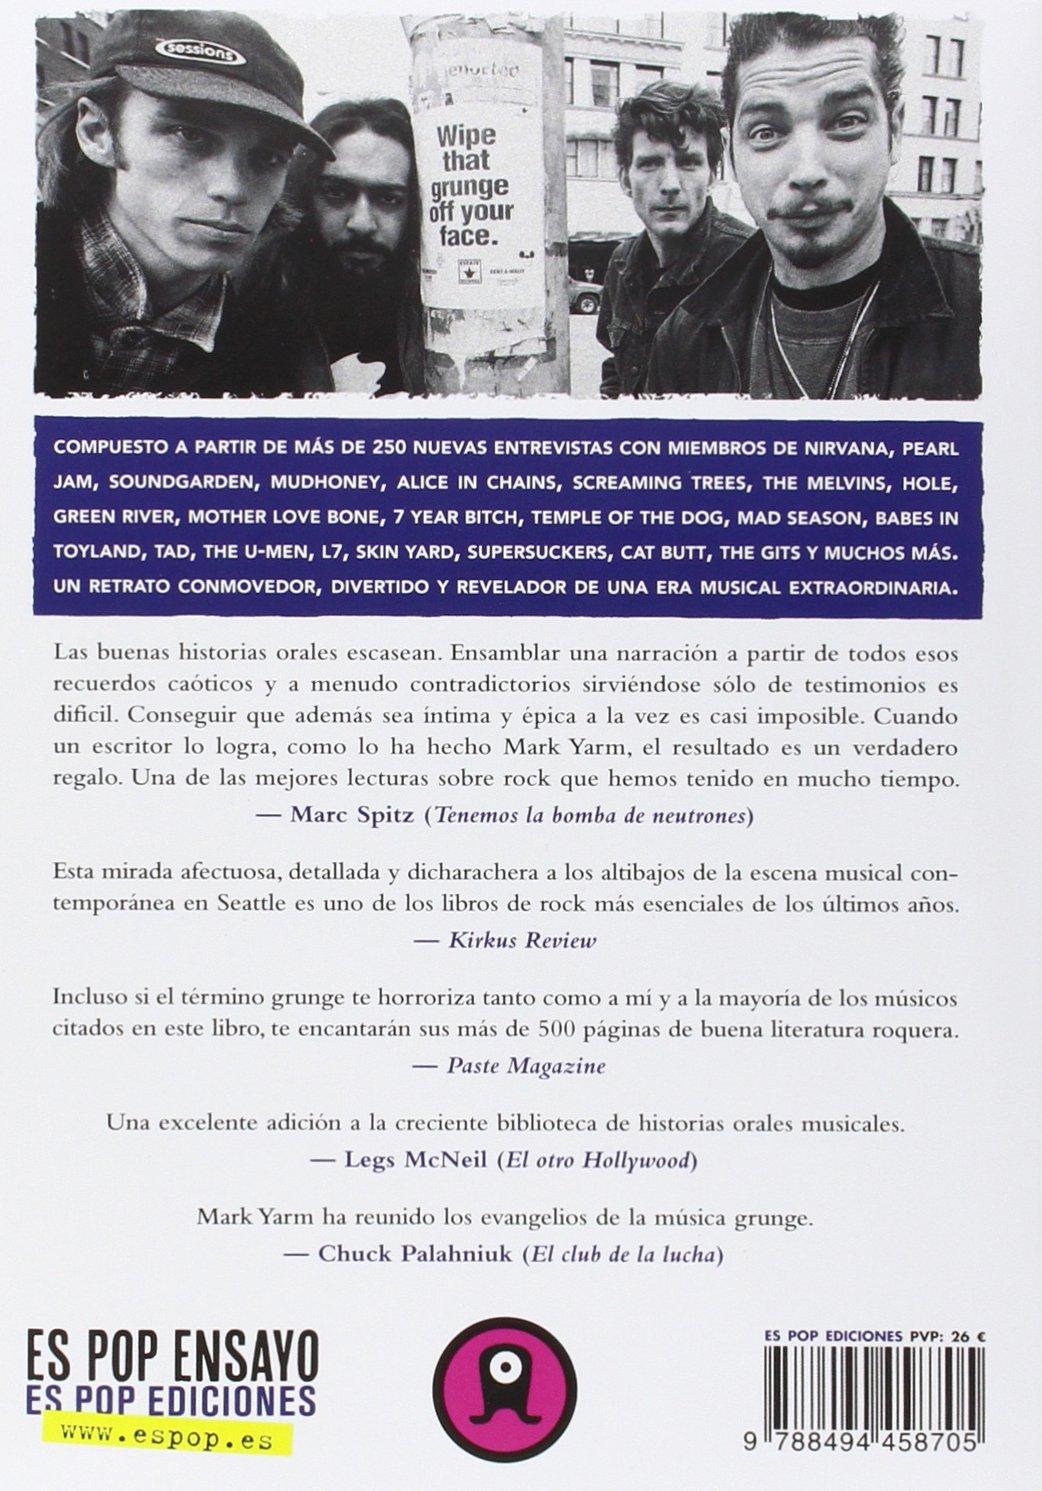 VARIOS COMICS + LIBRO 811wX-1OqTL